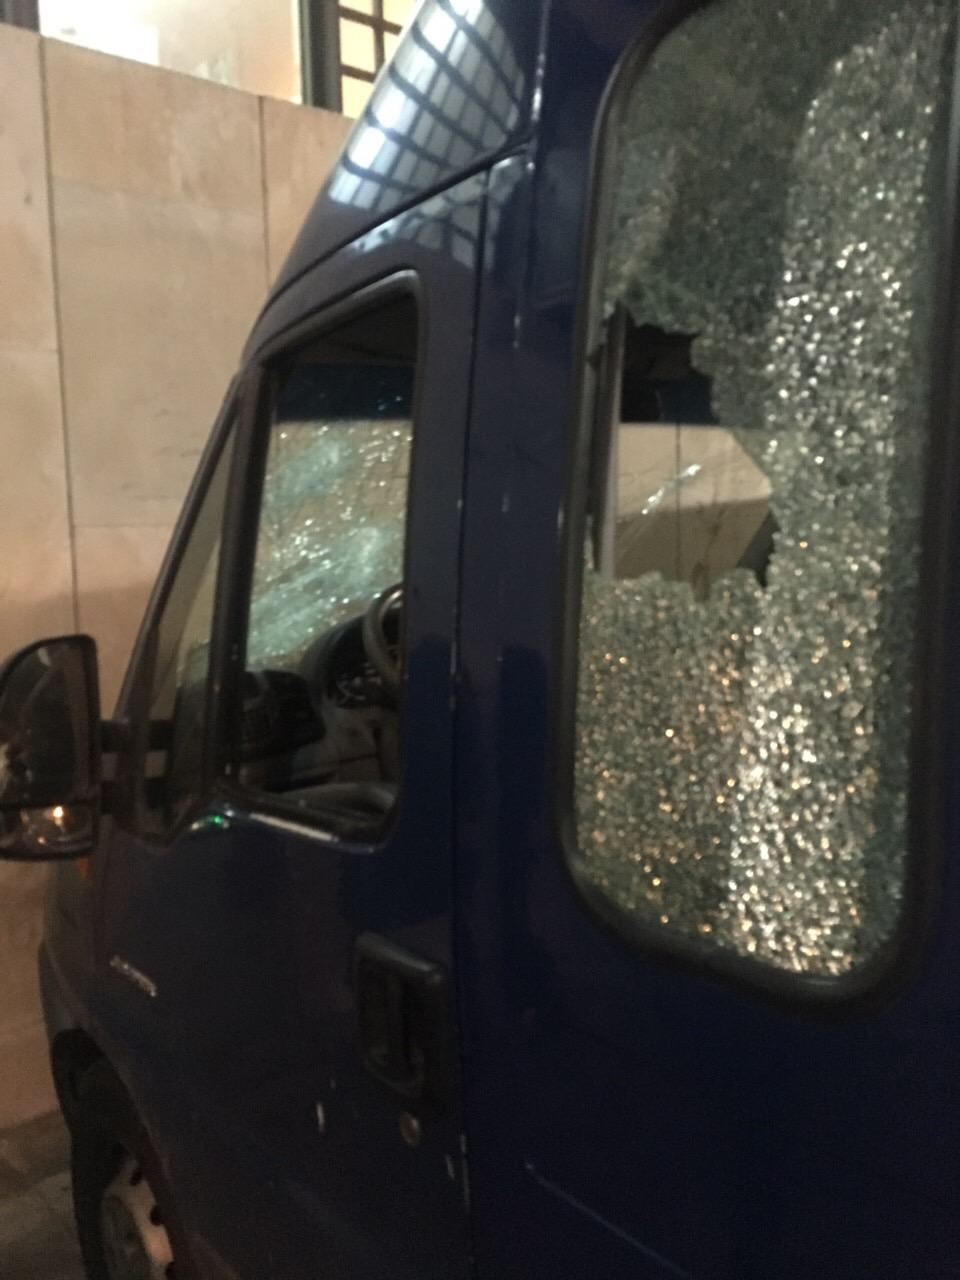 Έστειλαν τους αστυνομικούς στο στόμα του λύκου- Γνώριζαν ότι τους περίμεναν- Ο οδηγός πυροβόλησε για να γλιτώσει - Δεν επέτρεψαν και πάλι τις συλλήψεις - Φωτογραφία 3